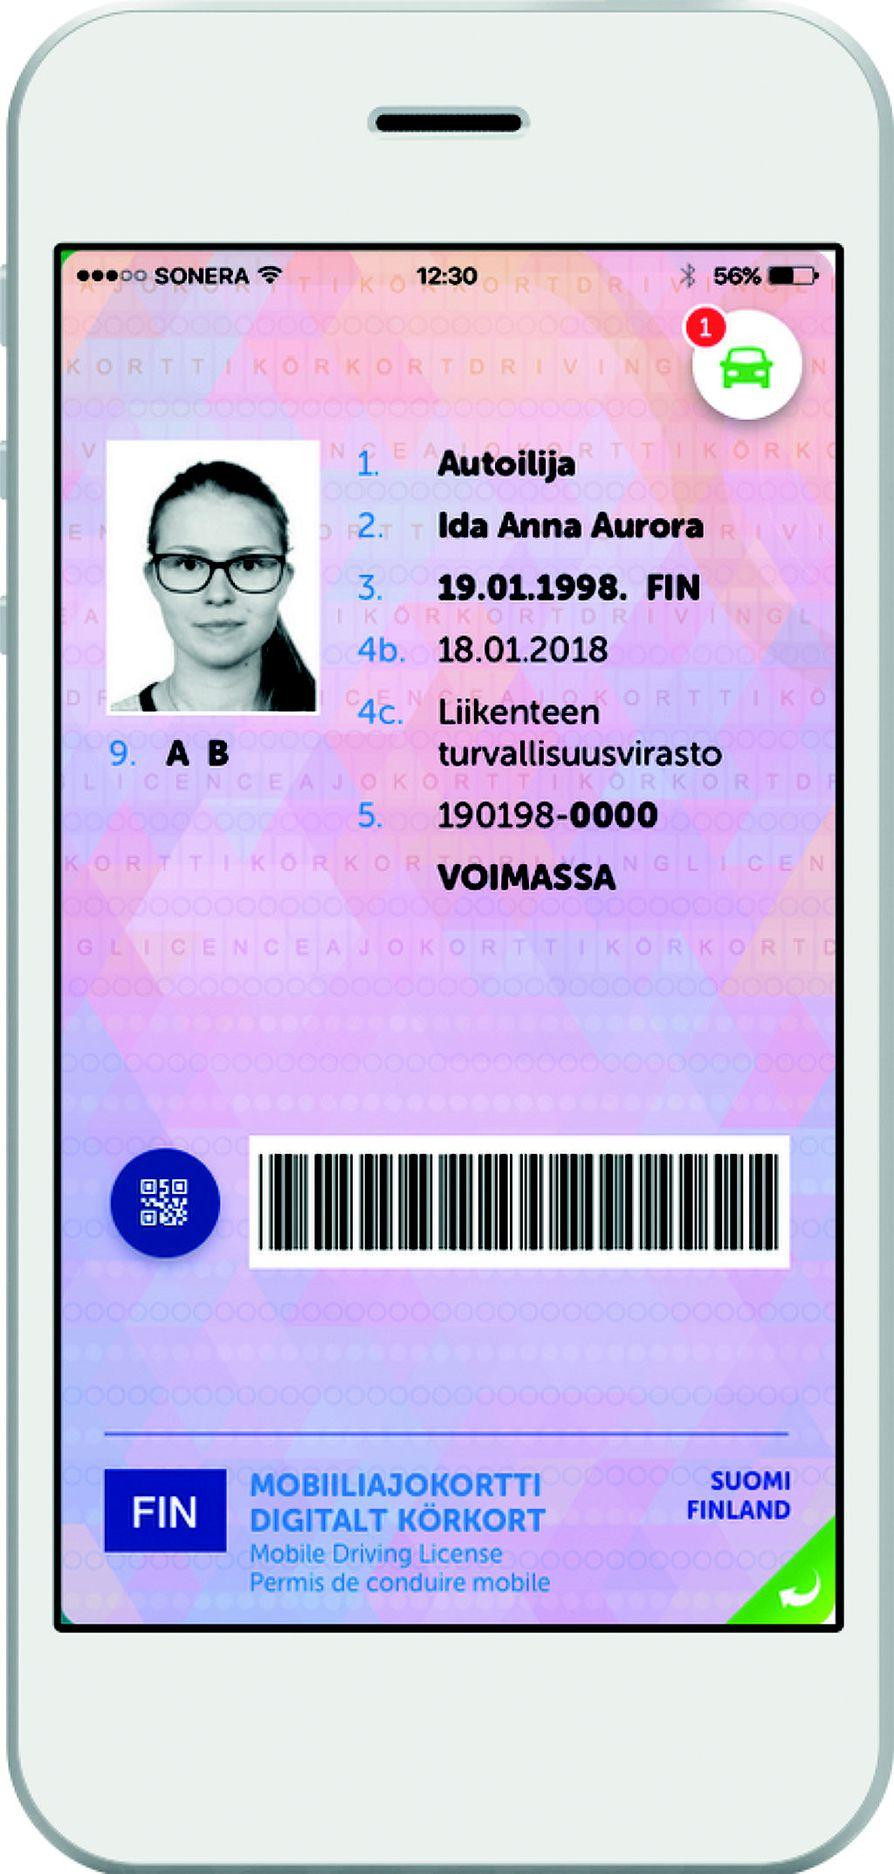 Mobiiliajokortti kulkee kännykässä käyttäjän mukana. Sovellus on vapaasti ladattavissa ensi kesänä Android- ja iPhone-puhelimiin.